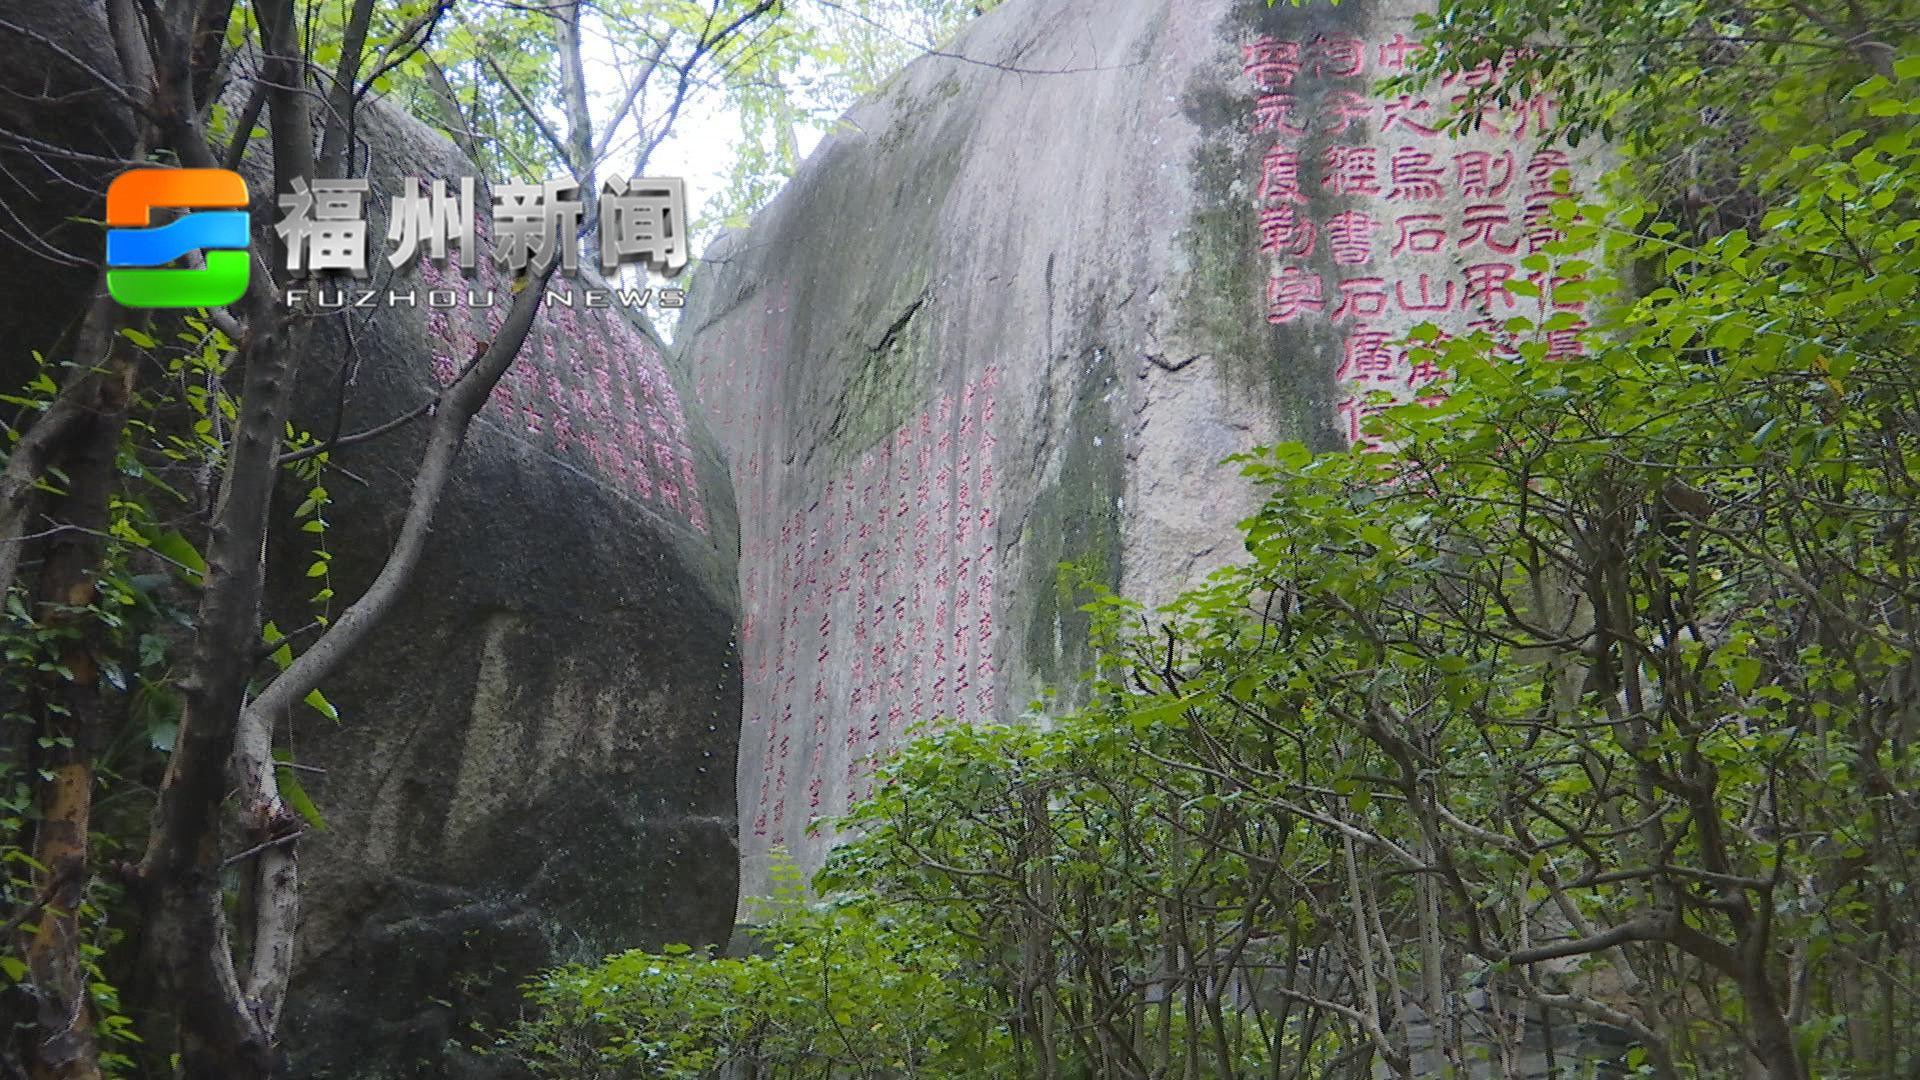 壁纸 风景 旅游 瀑布 山水 桌面 1920_1080